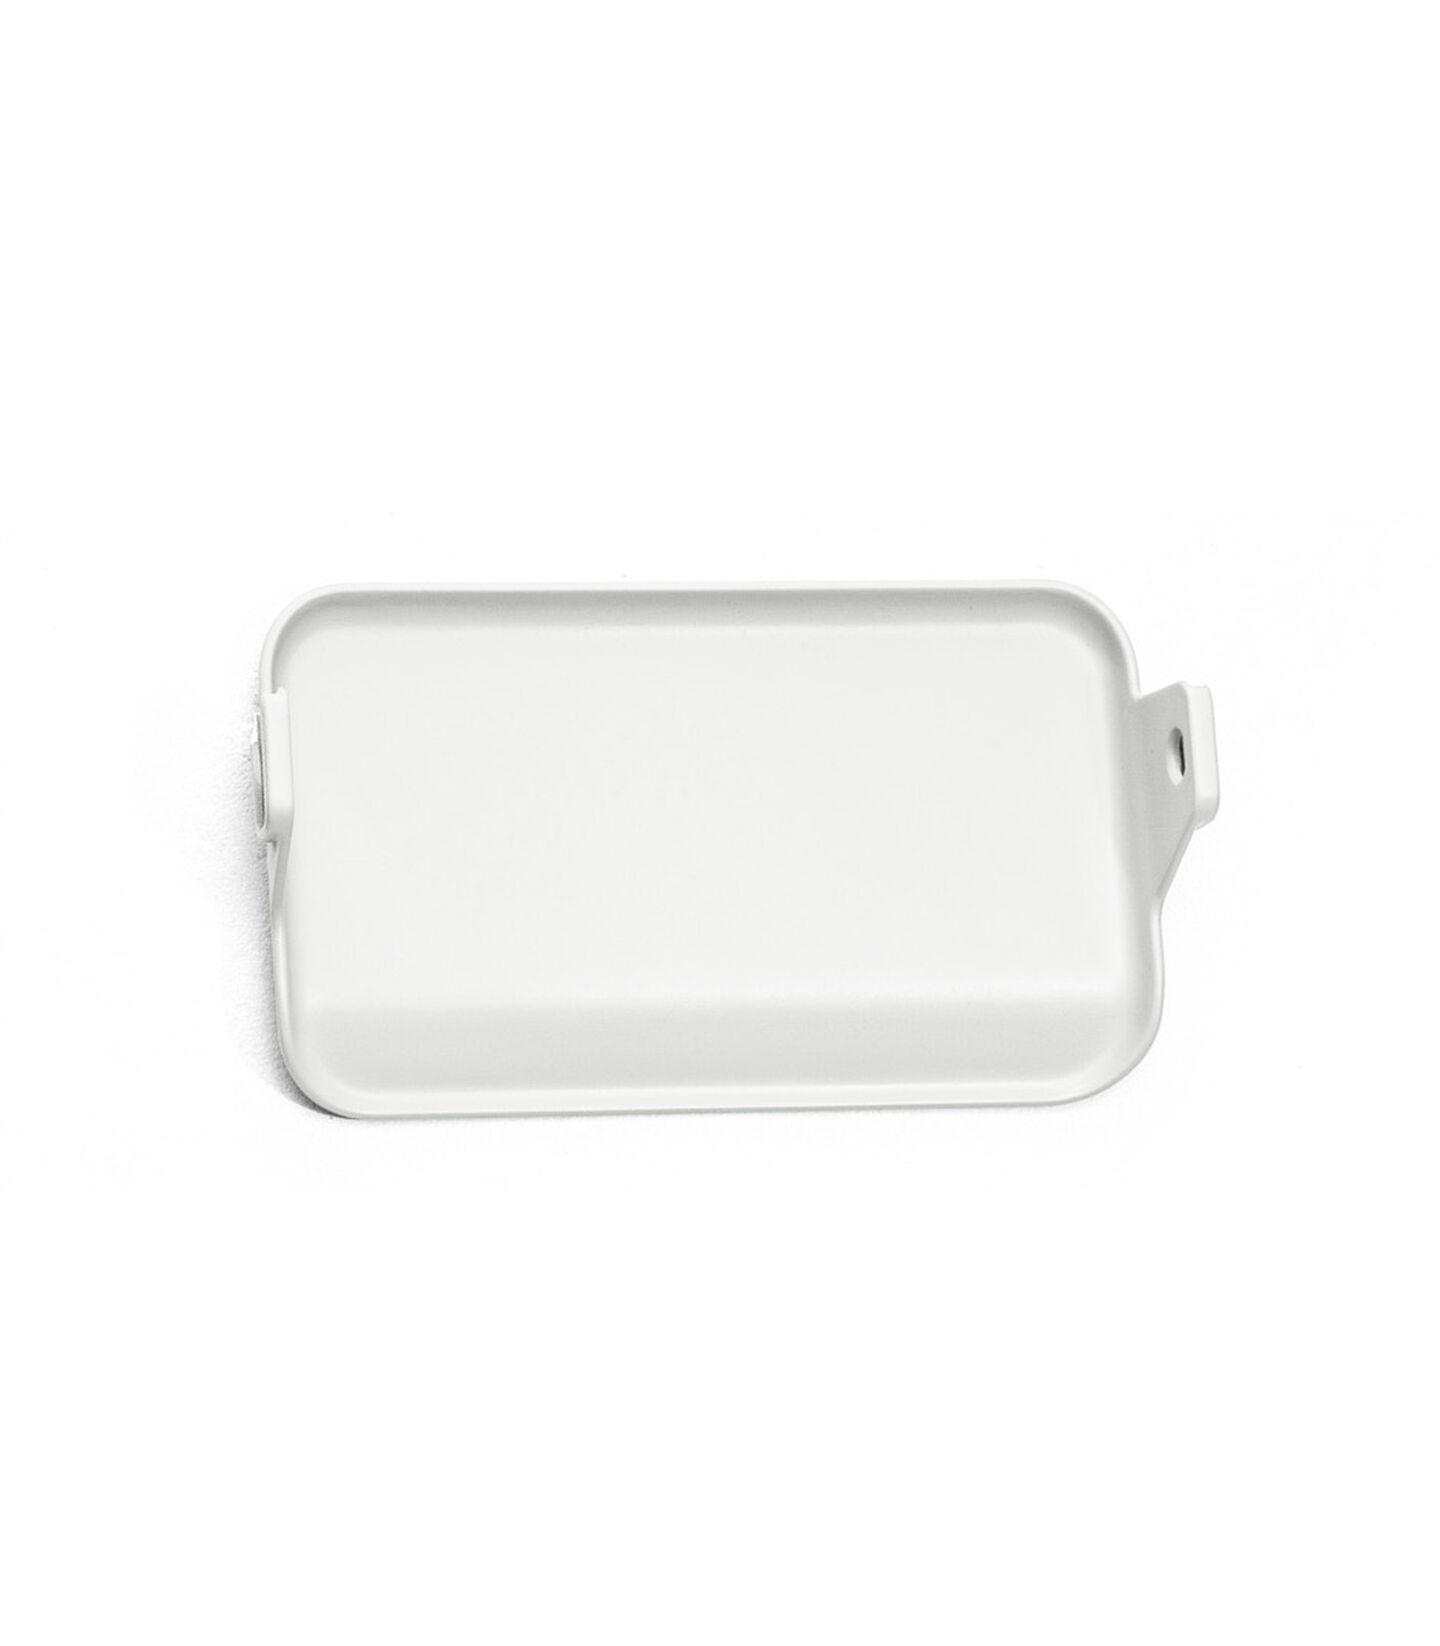 Stokke® Clikk™ fotstøtte - White, White, mainview view 1